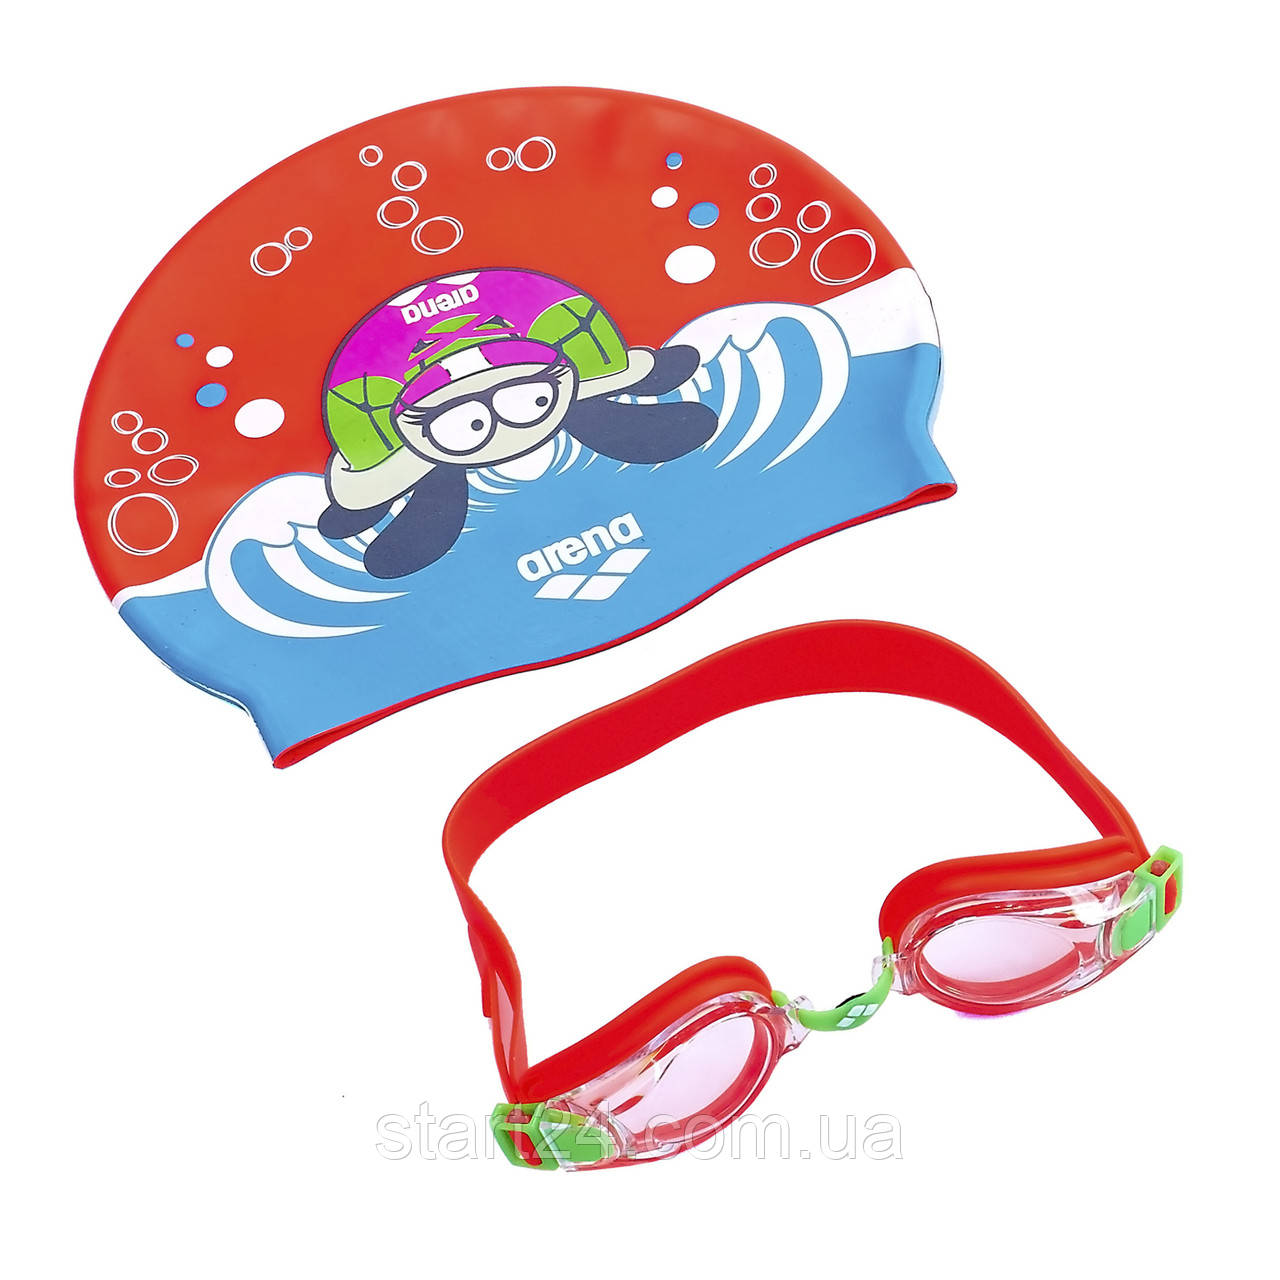 Набор для плавания детский очки и шапочка ARENA AWT MULTI AR-92413 (поликарбонат, термопластичная резина,